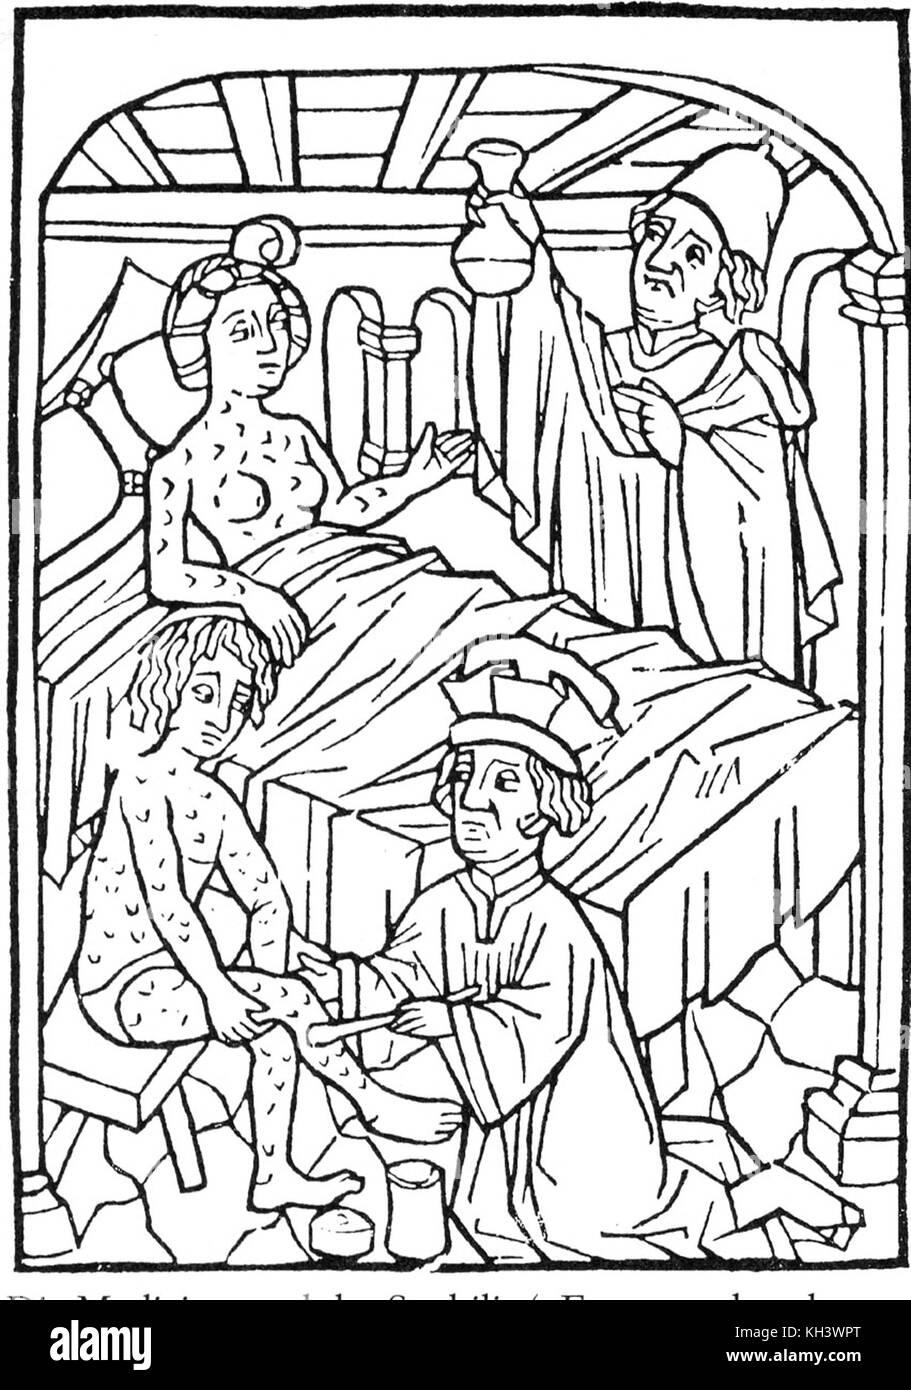 La syphilis. Une illustration médicale précoce des personnes atteintes de la syphilis, Vienne, 1498 Photo Stock